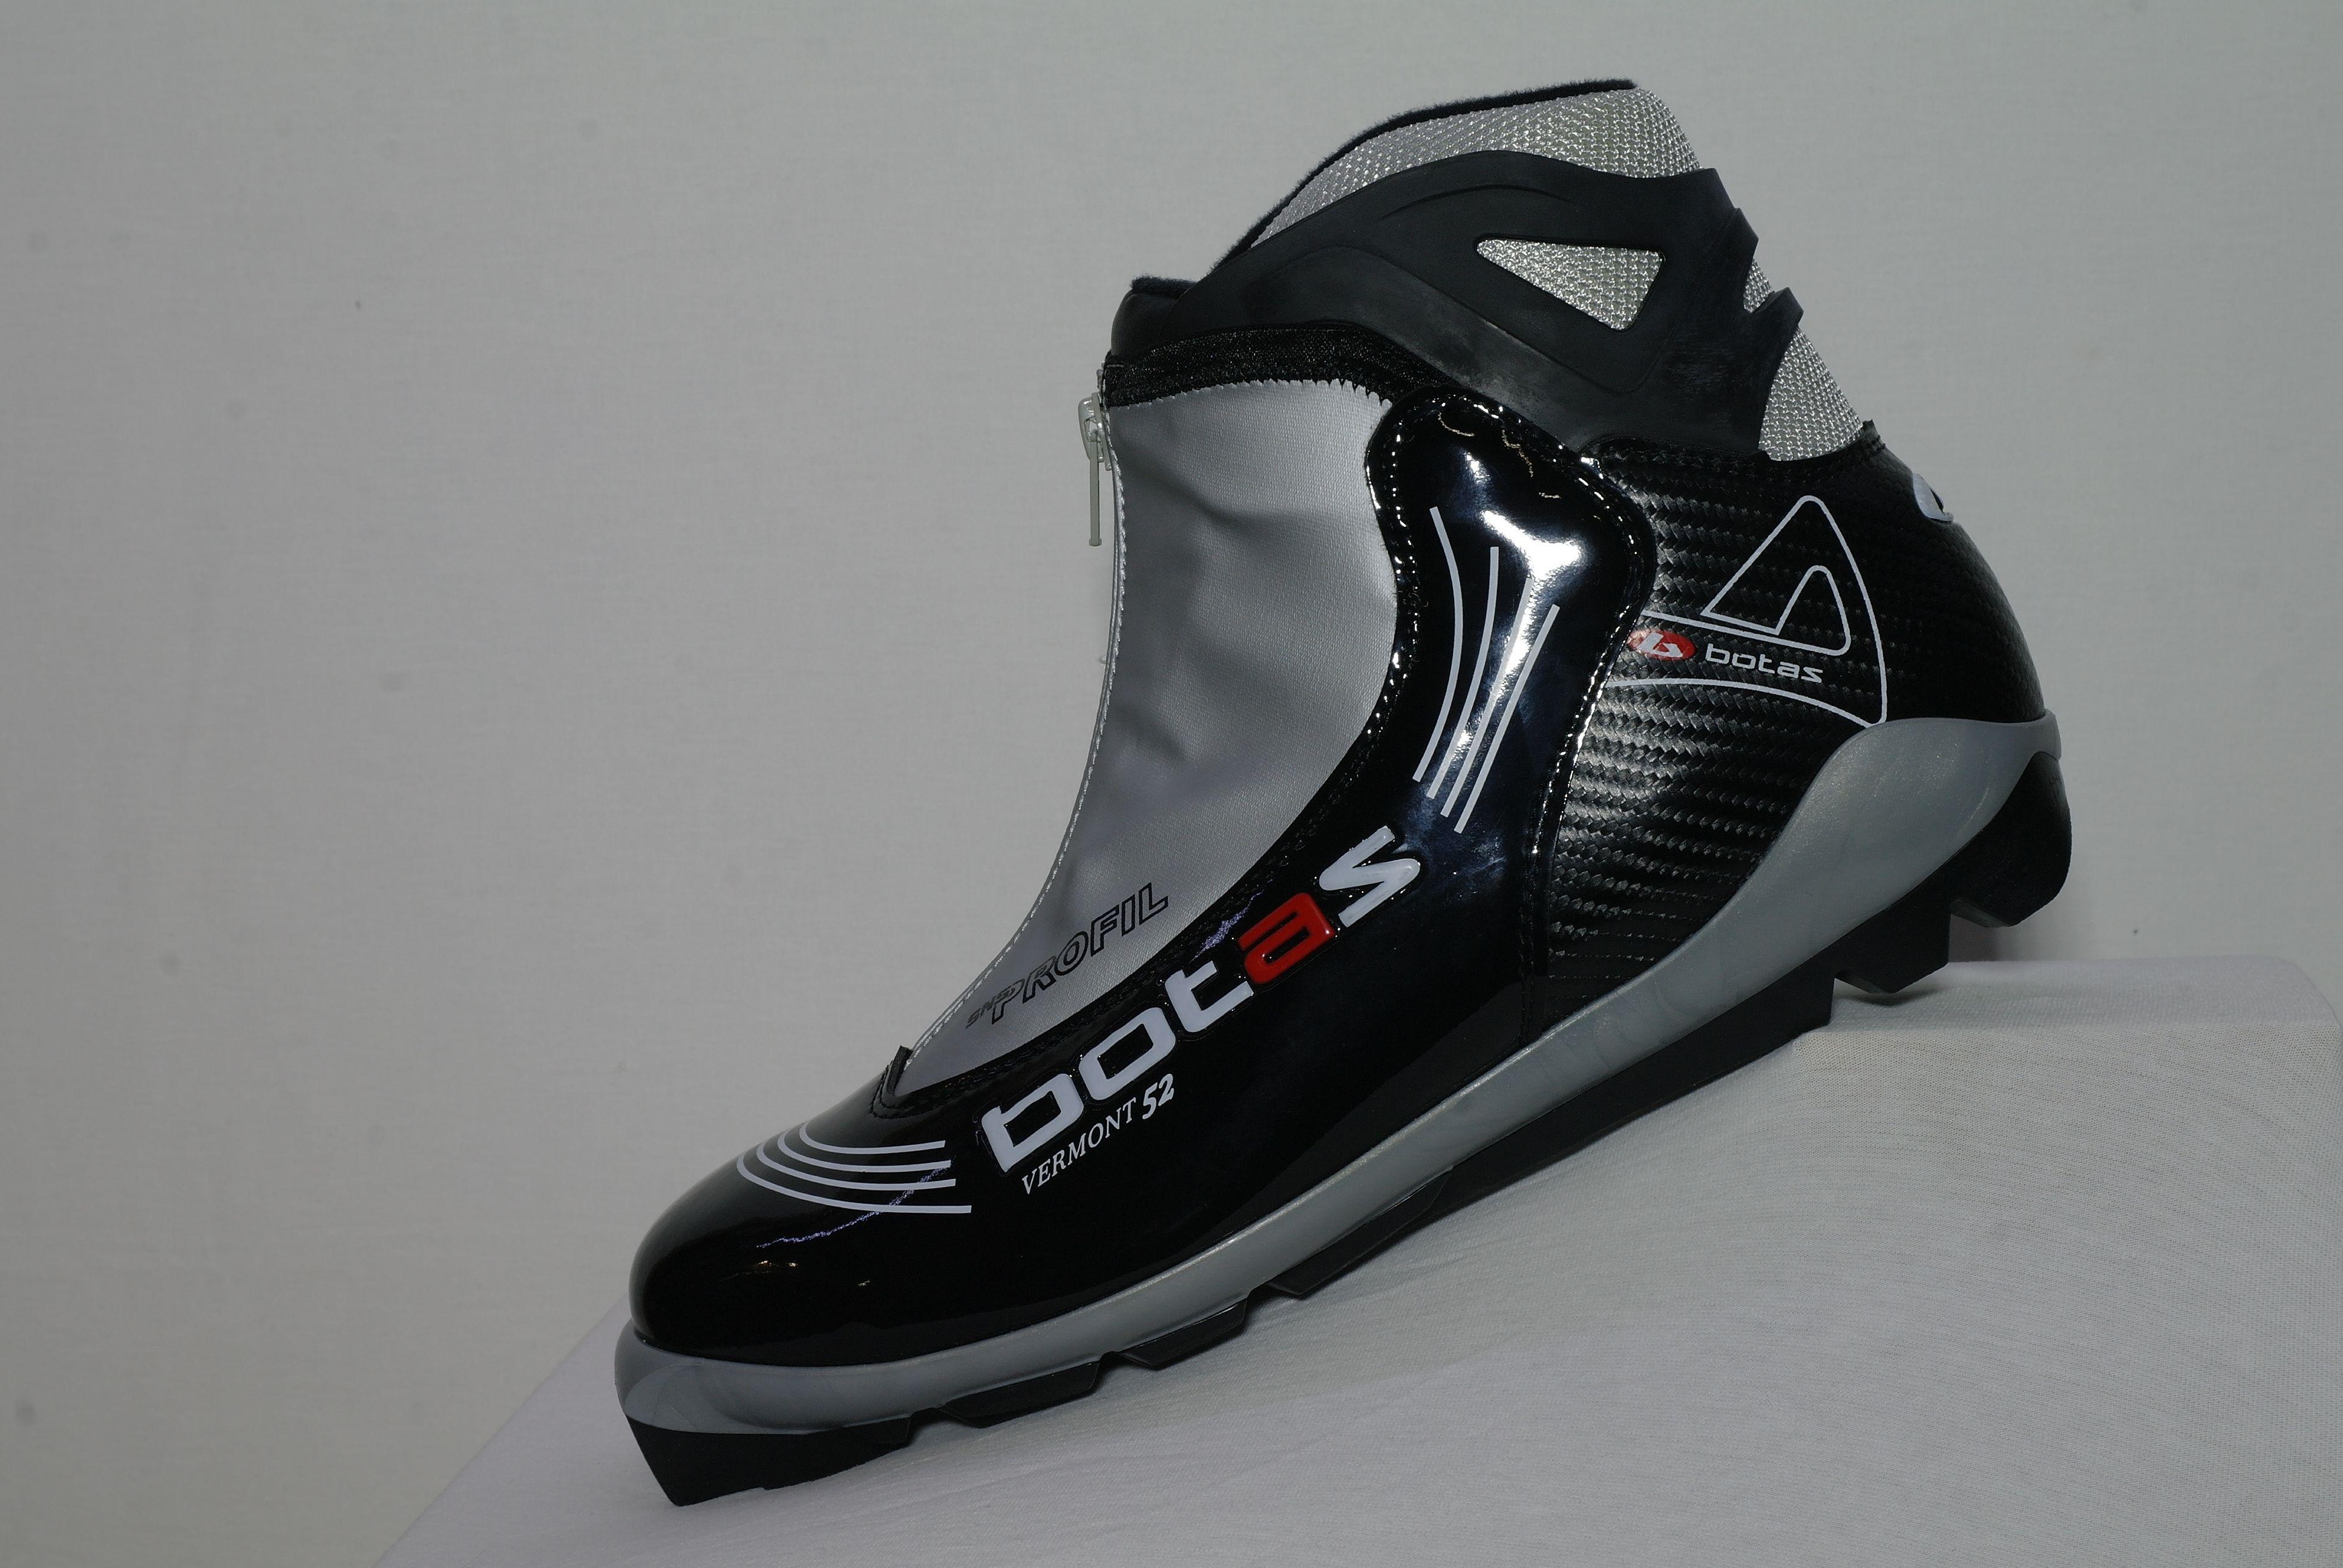 Běžkařské boty BOTAS VERMONT 52 černo-stříbrná SNS vel. 45